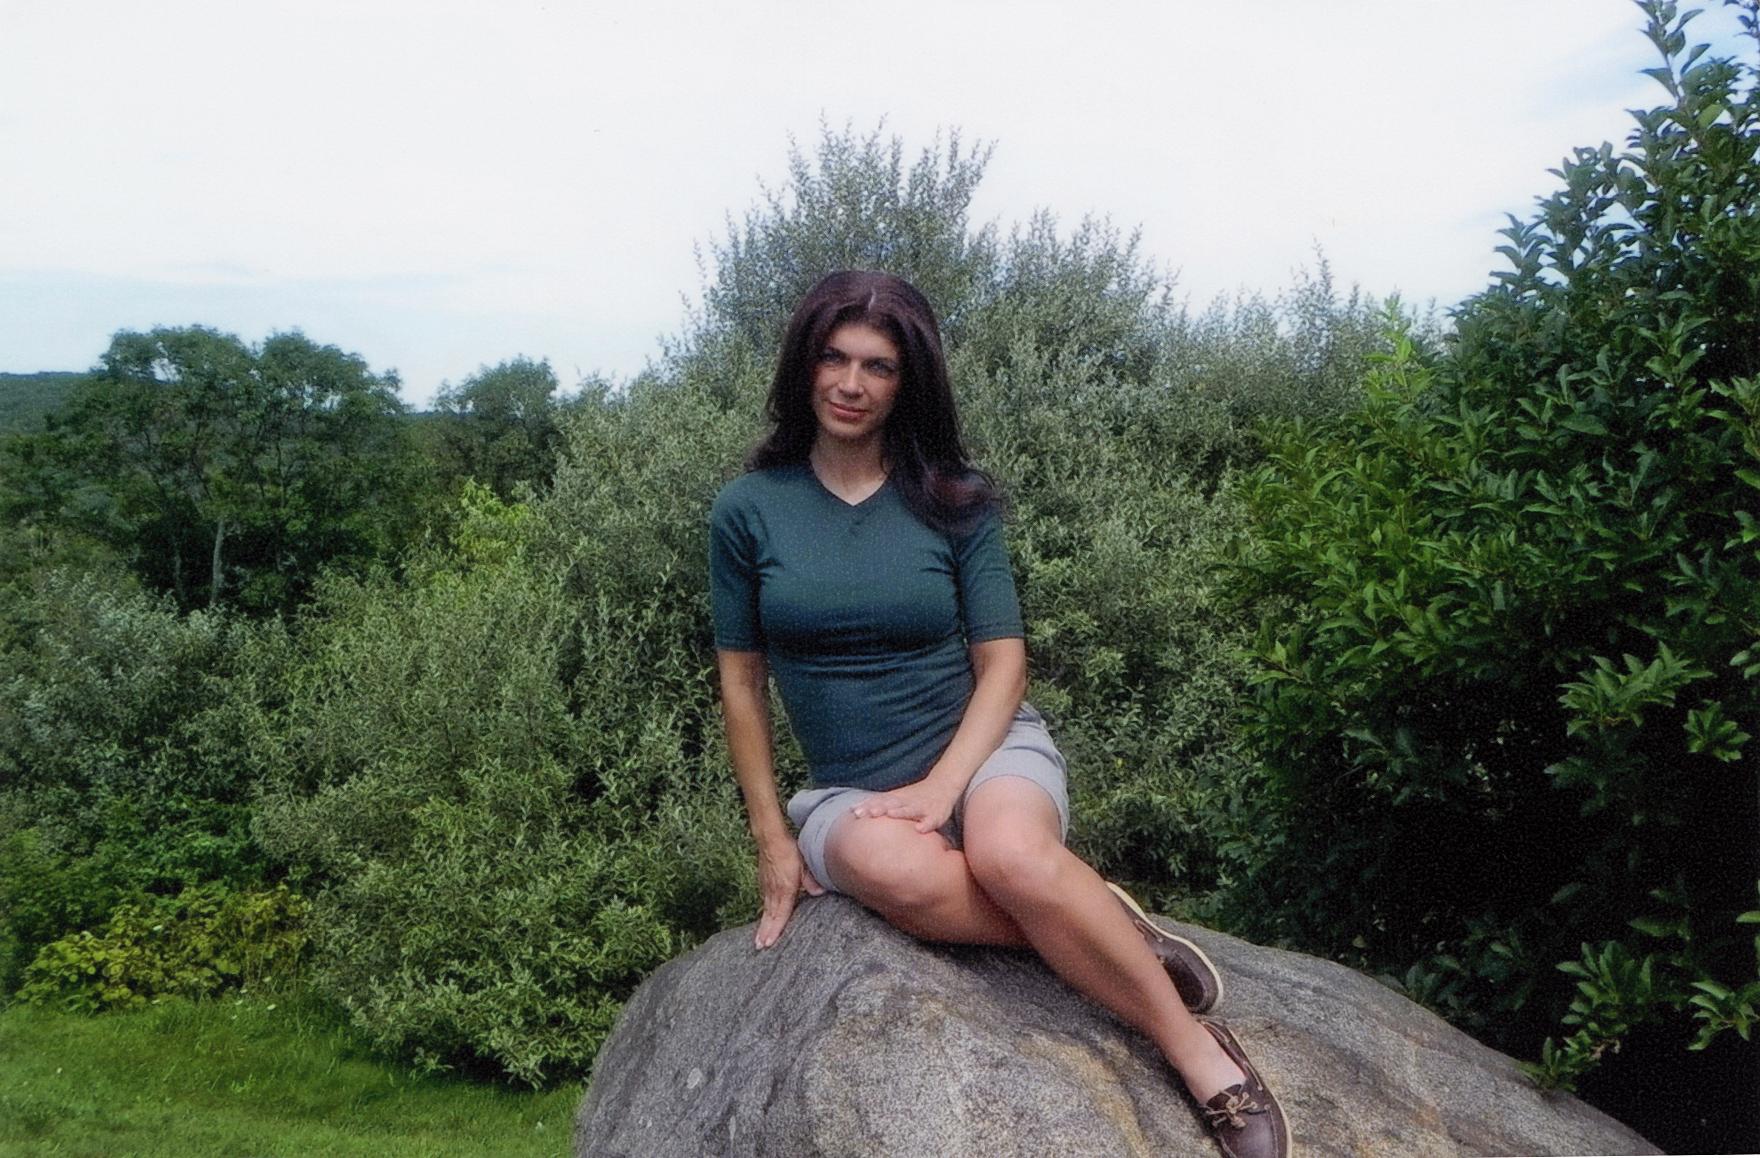 Teresa Giudice in prison